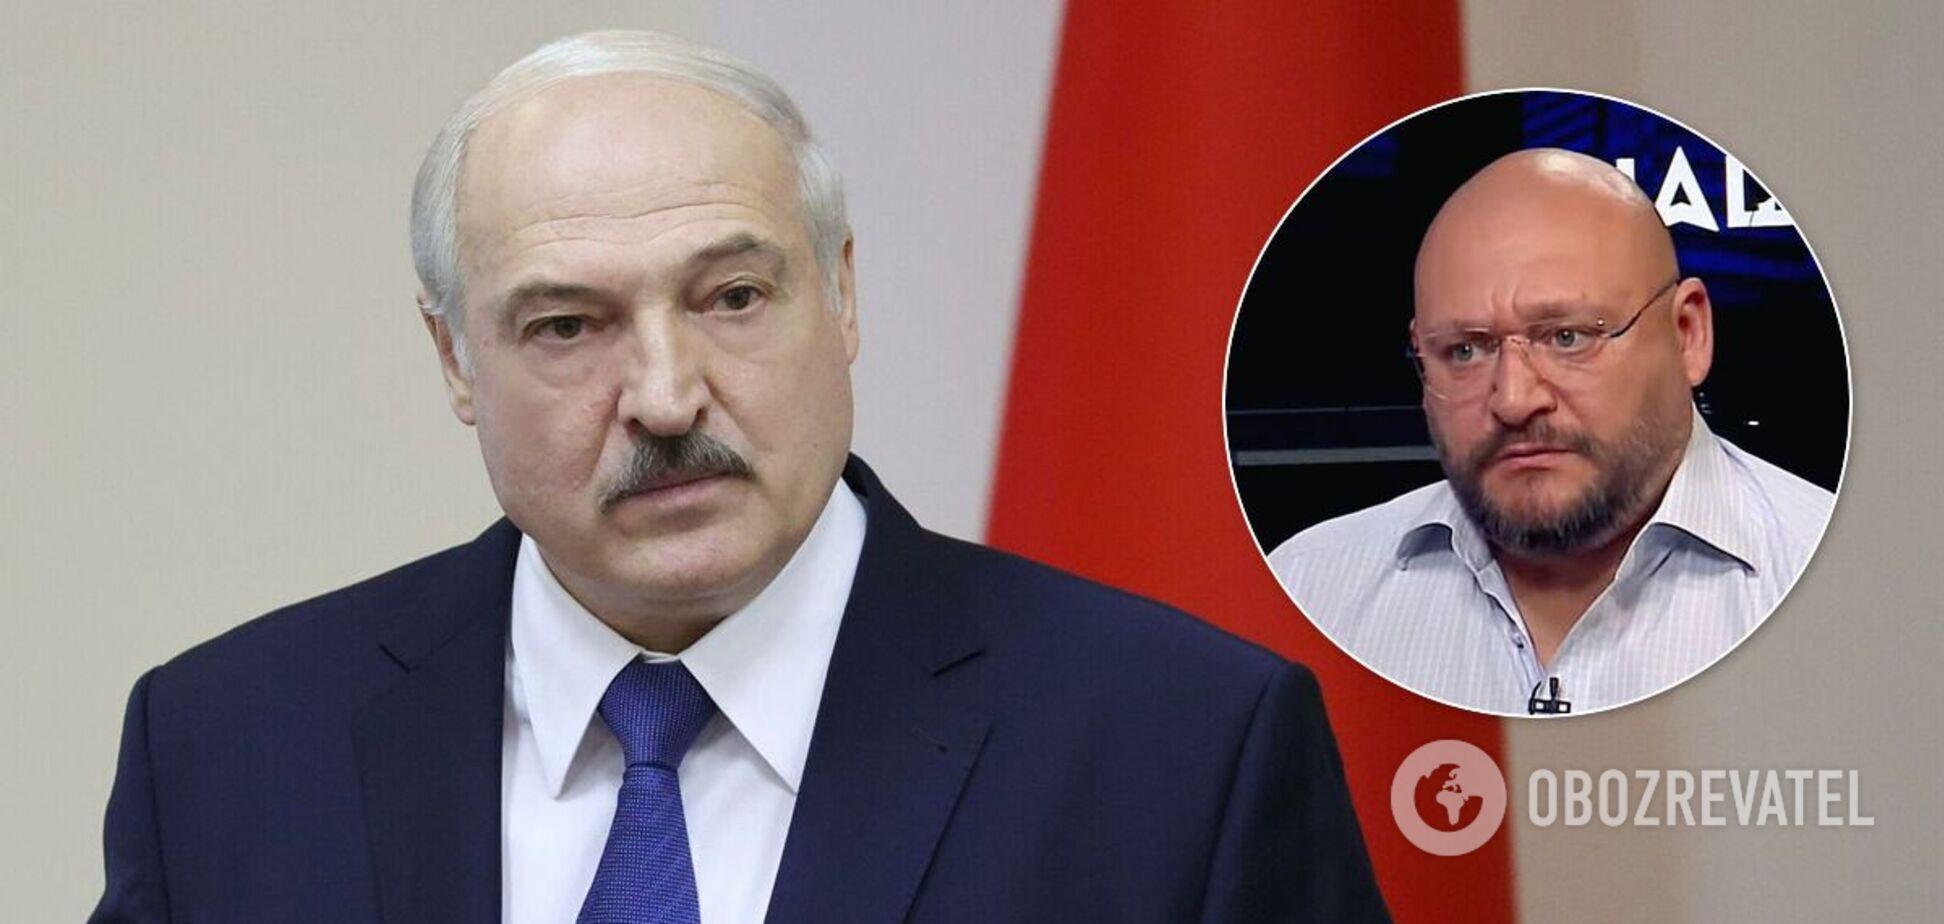 Добкін виправдав побиття протестувальників у Білорусі